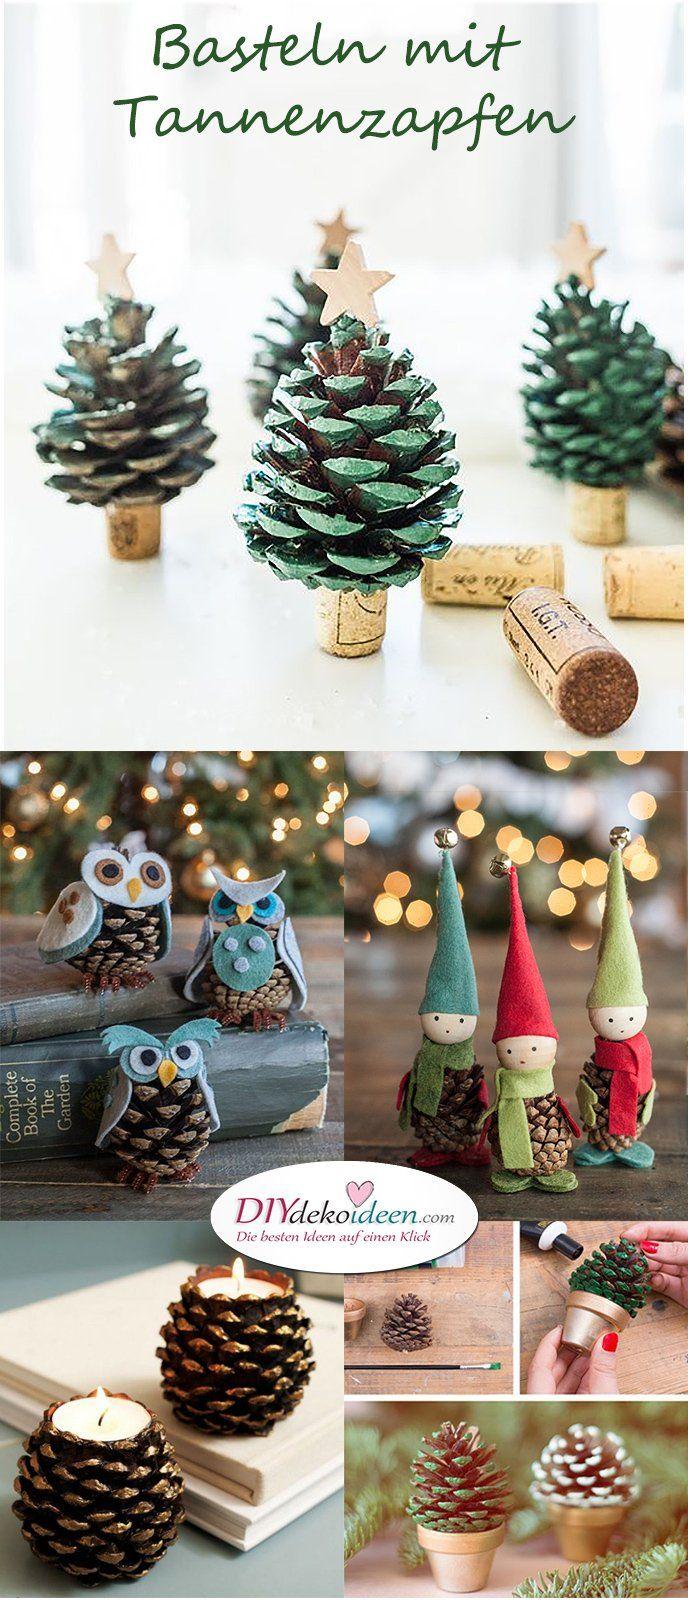 basteln mit tannenzapfen die 15 sch nsten diy bastelideen diy deko weihnachten winter. Black Bedroom Furniture Sets. Home Design Ideas